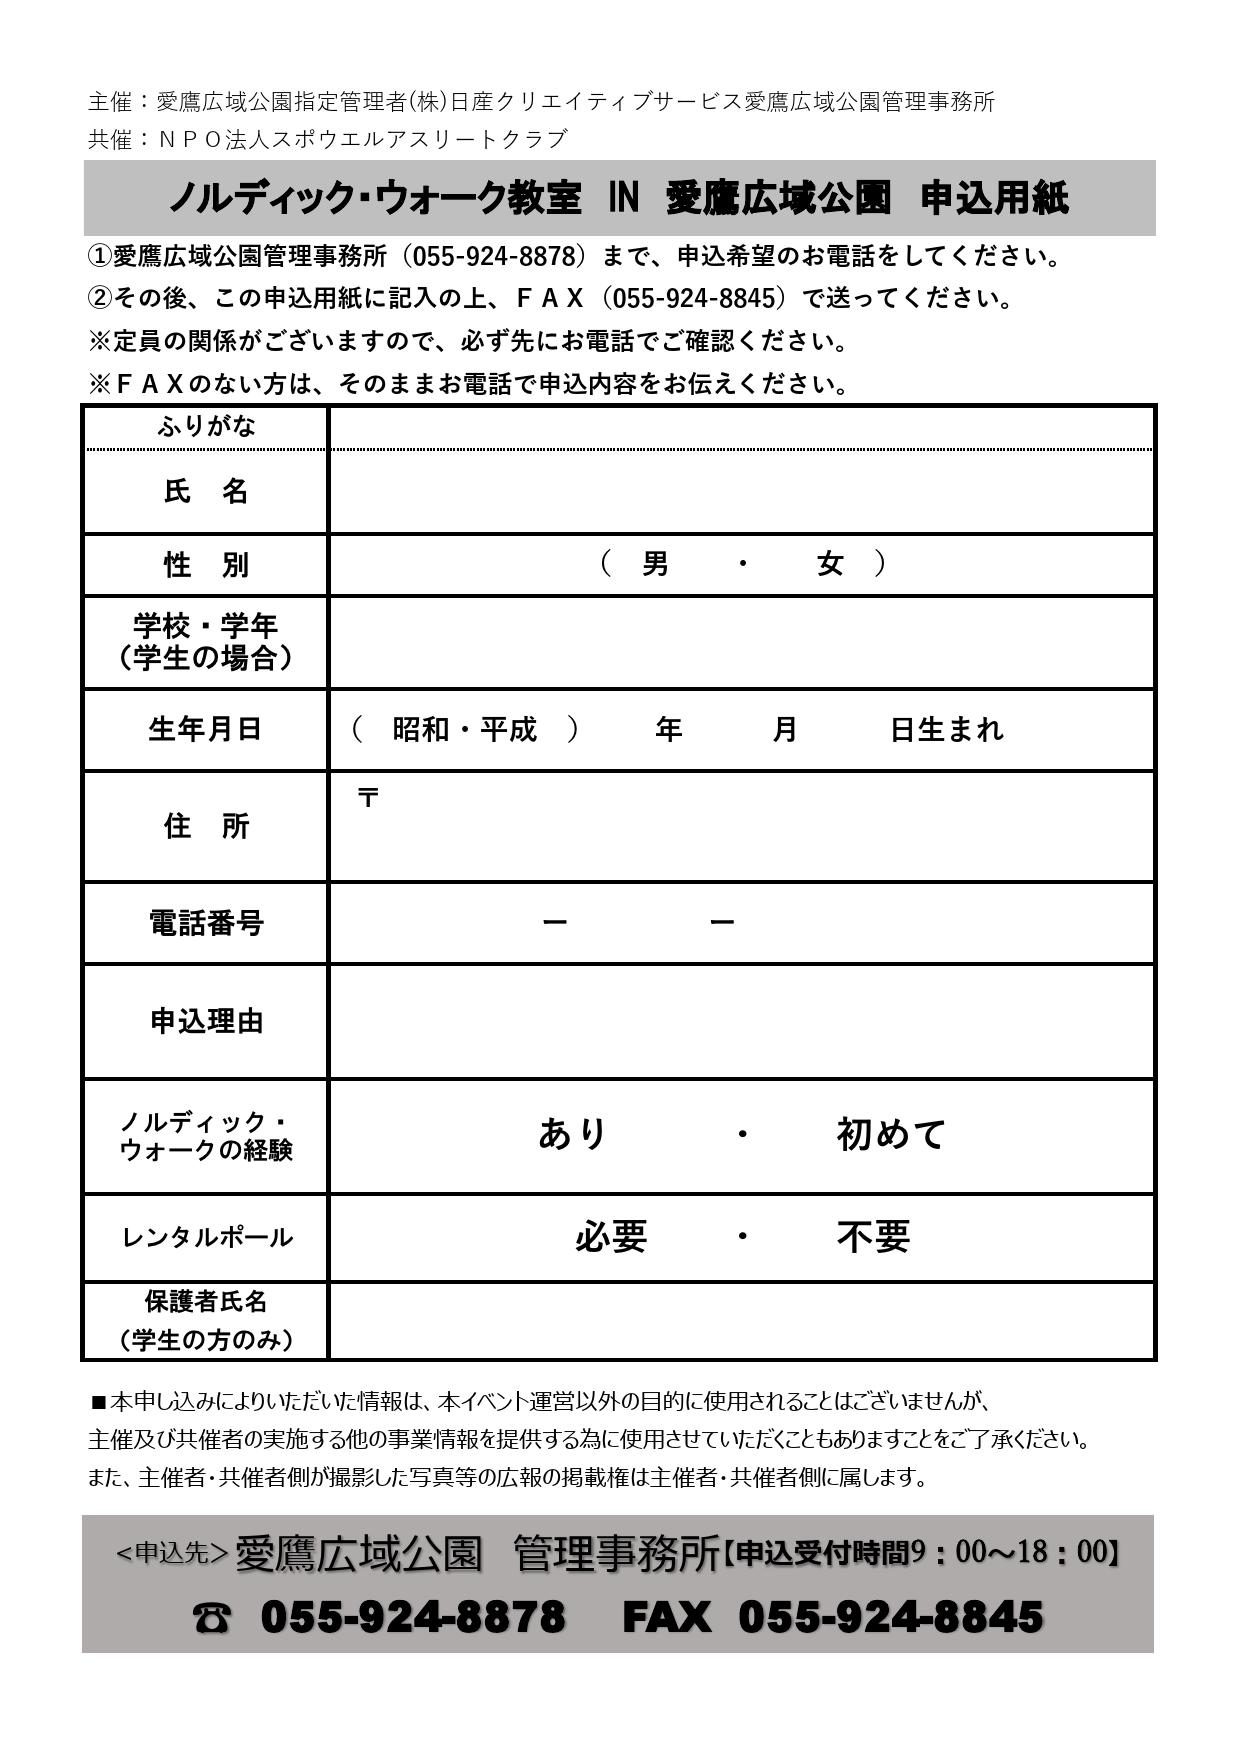 20170219ノルディック申込用紙